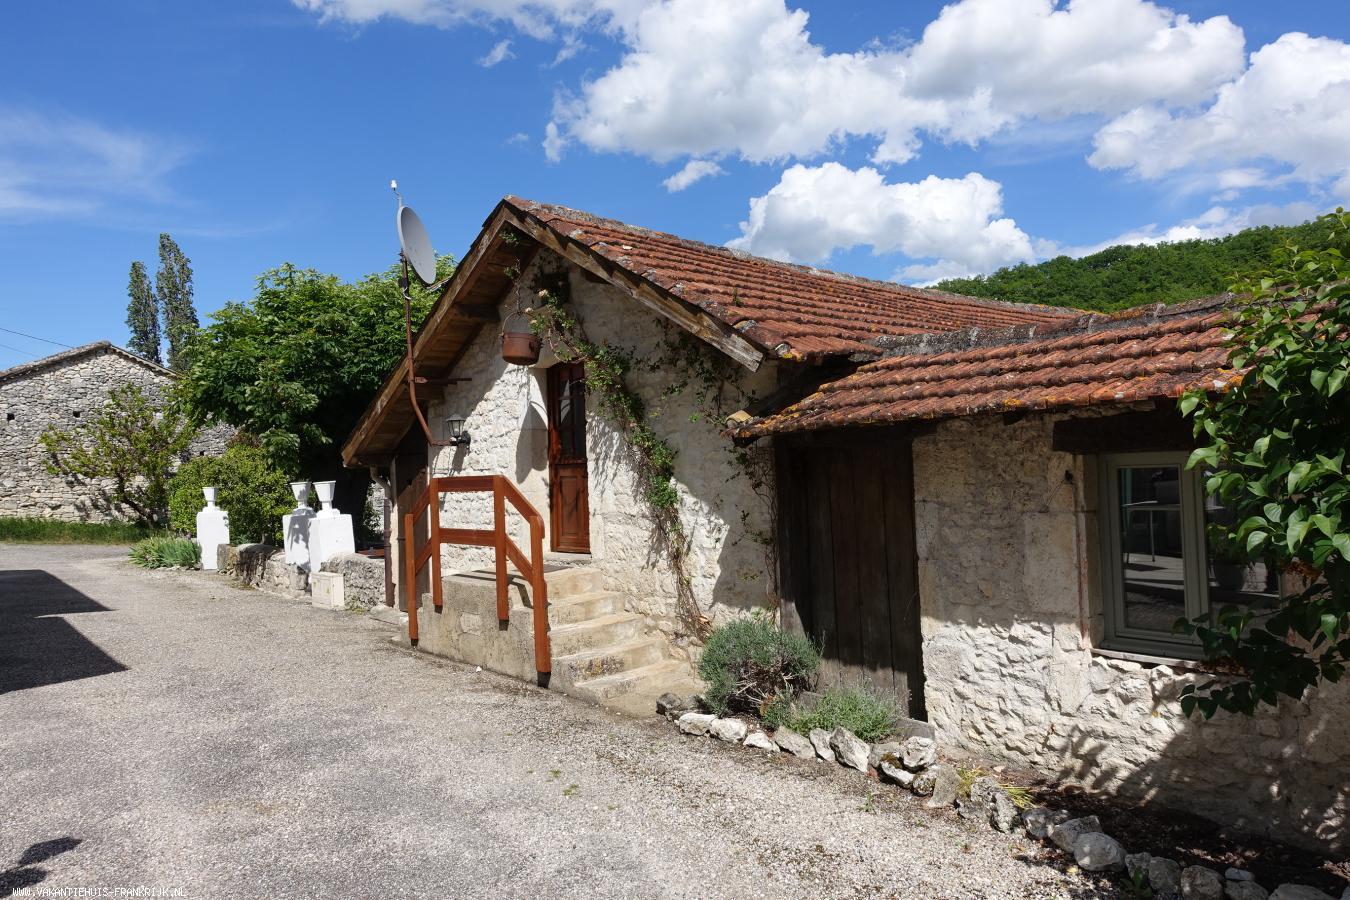 Vakantiehuis: Gezellige en ruim ingerichte vakantiewoning gîte Zuidwest Frankrijk met privé zwembad in rustige en groene omgeving te huur voor uw vakantie in Lot et Garonne (Frankrijk)